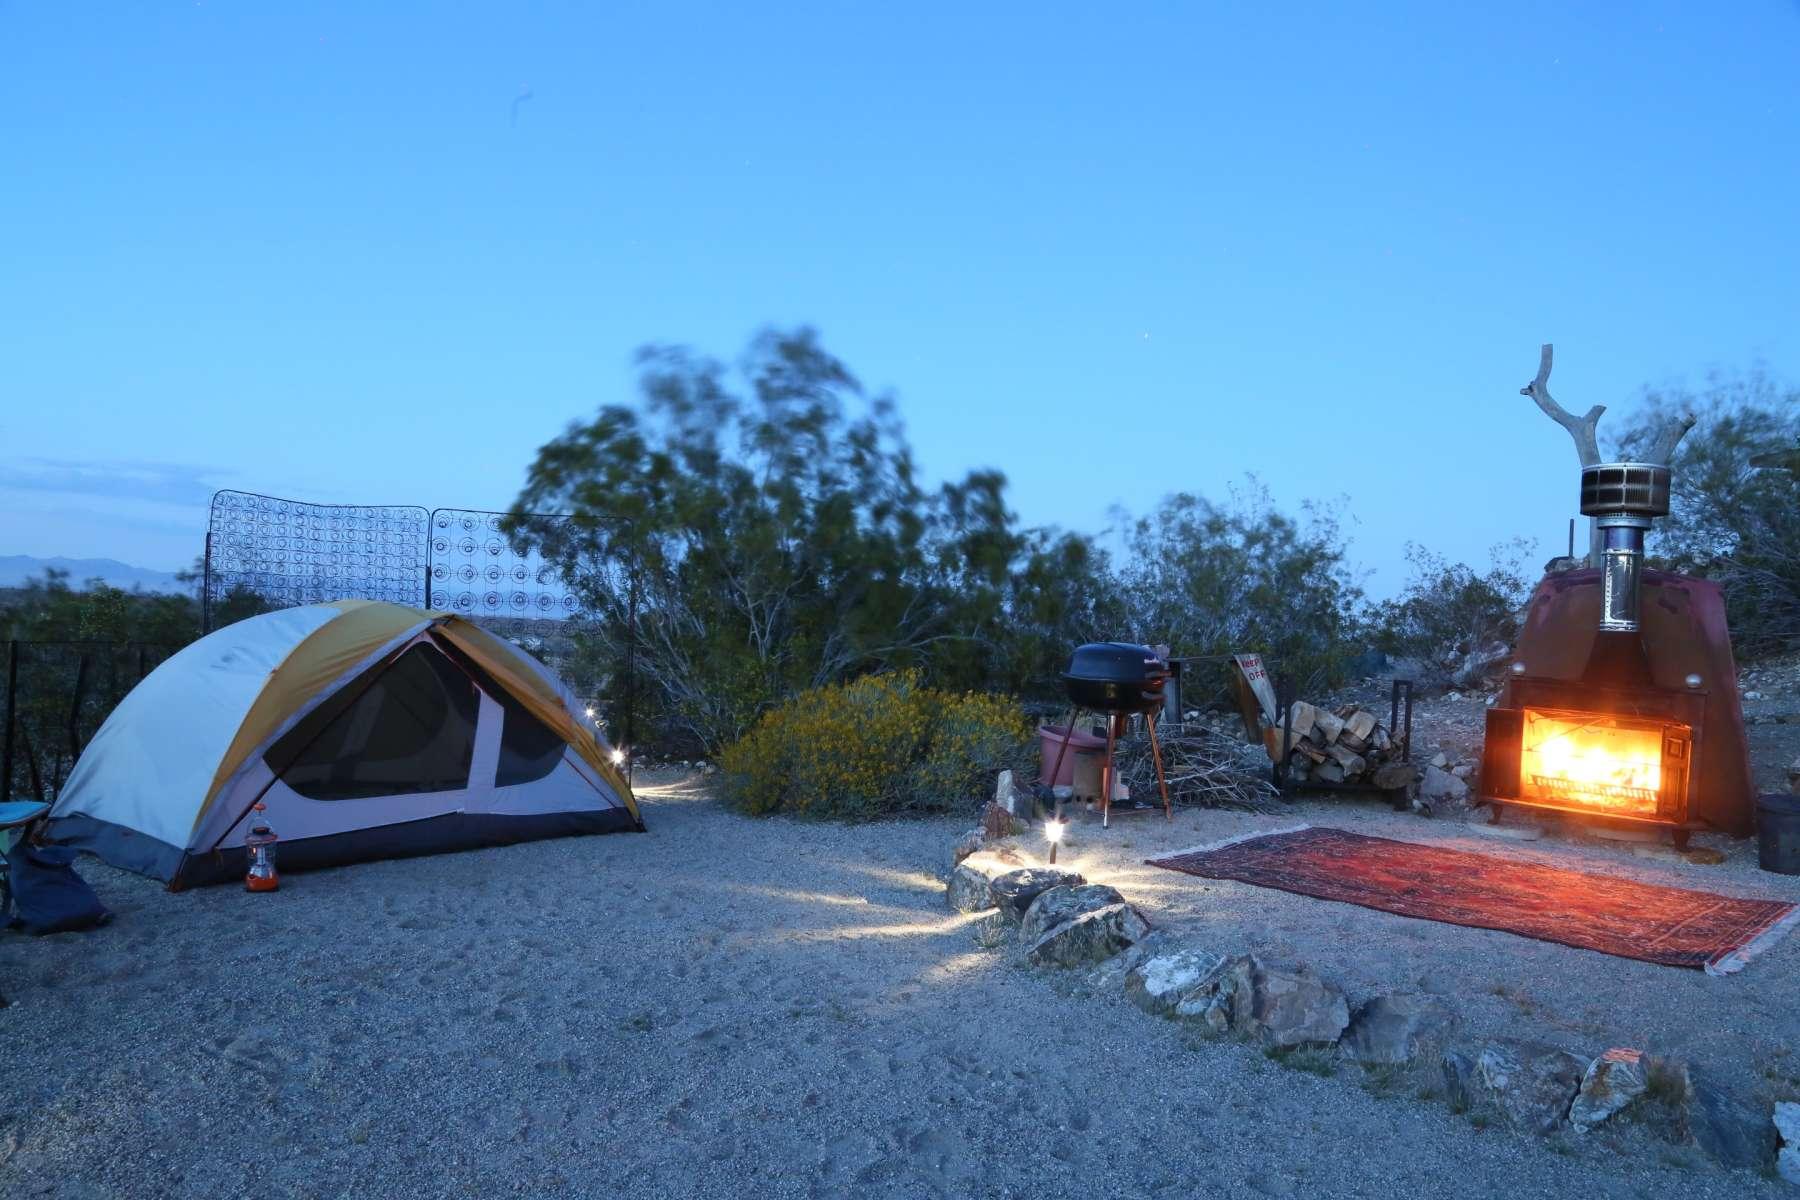 ... Steph M.'s photo at Joshua Tree Gypsy Camp ...